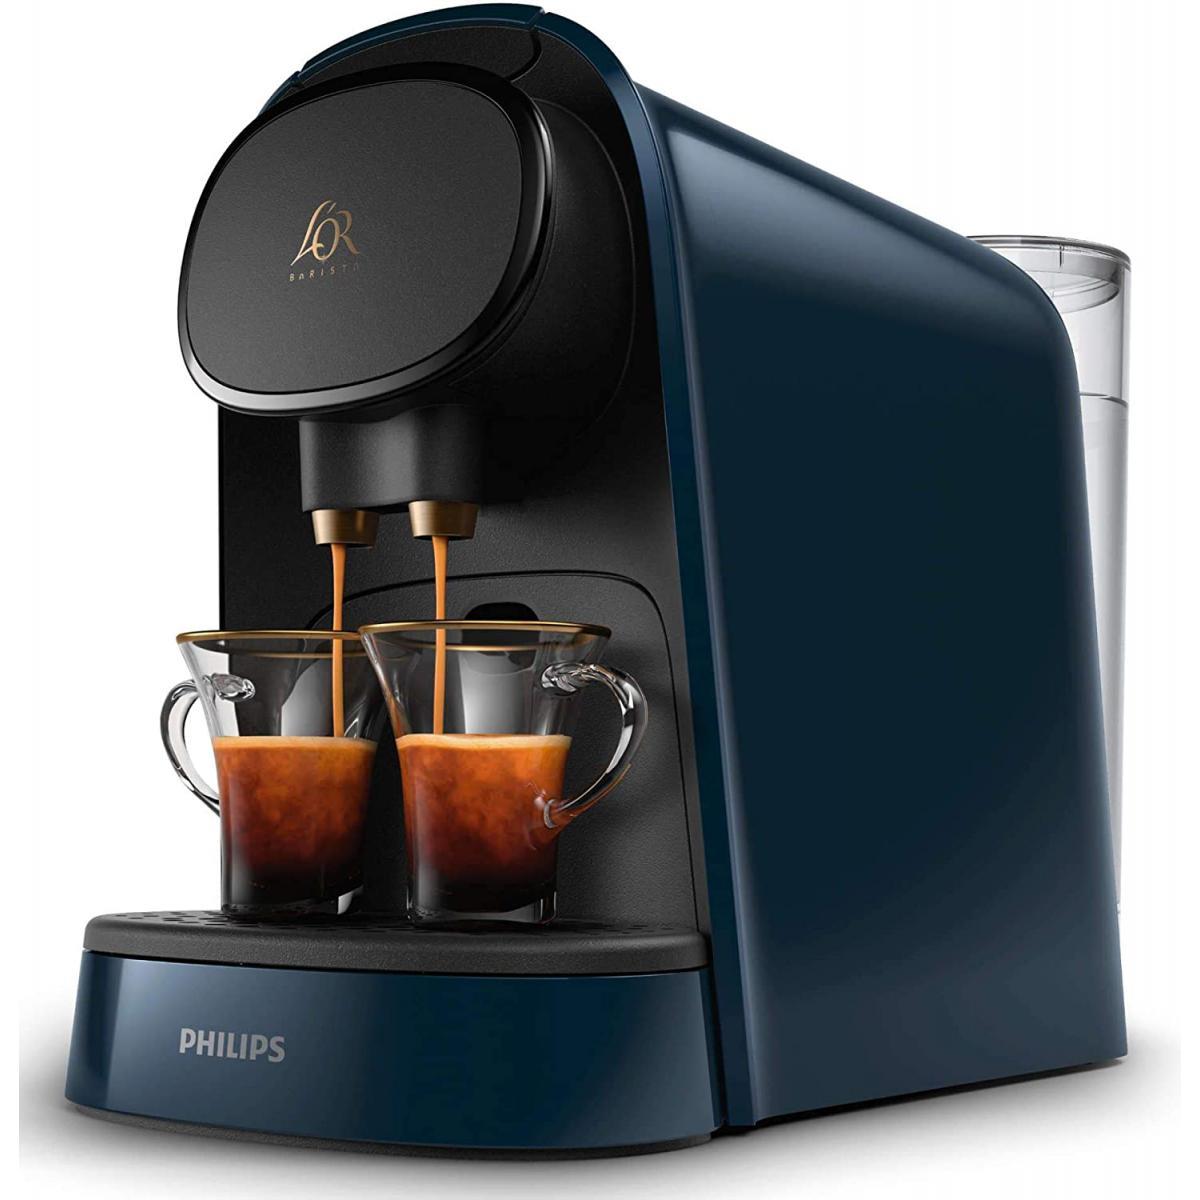 Philips cafetière électrique Express de 1L 1450W bleu noir